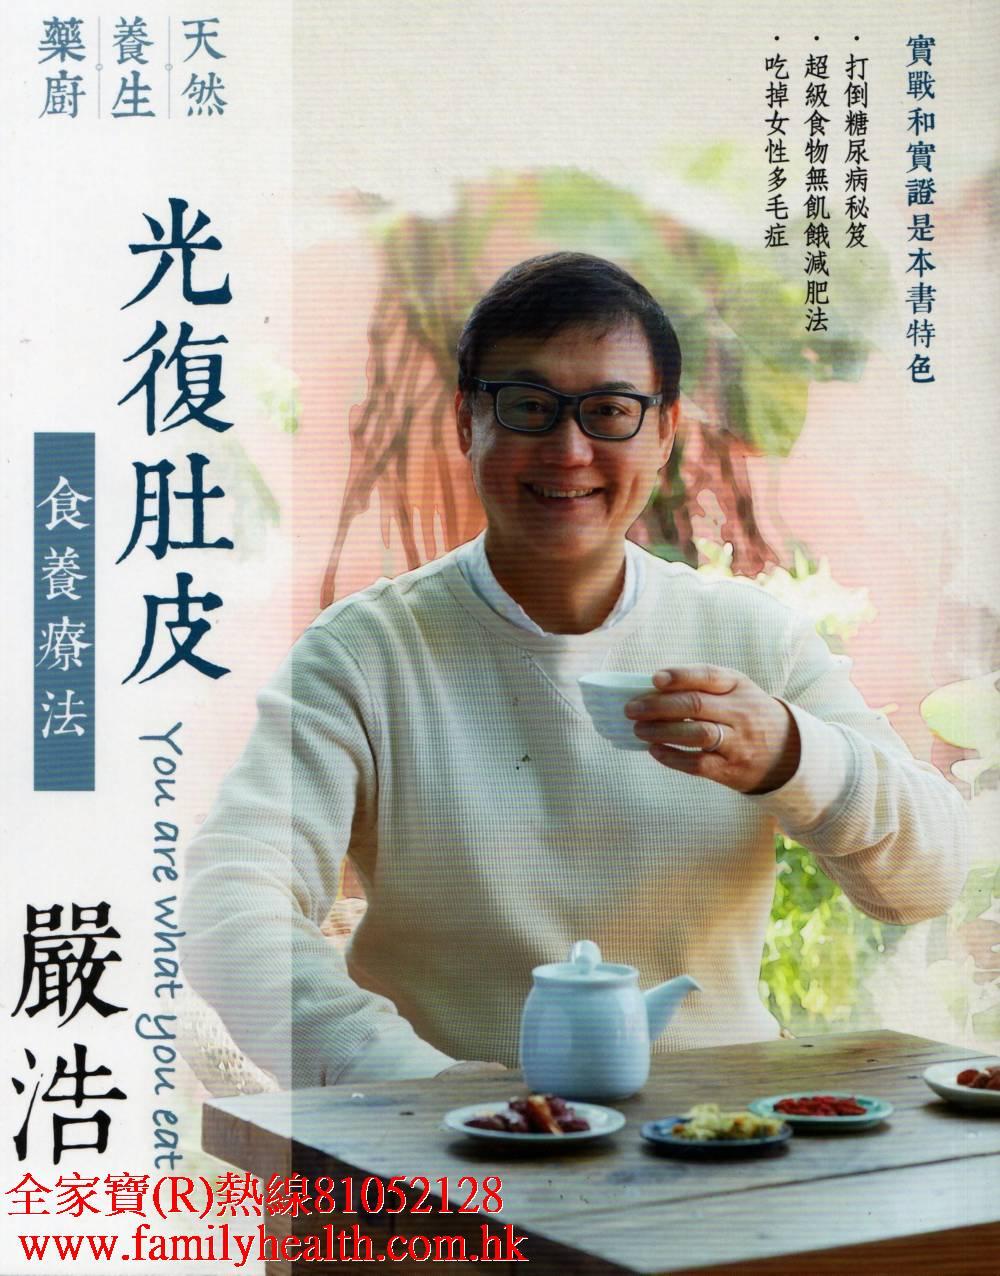 http://www.familyhealth.com.hk/files/full/912_0.jpg